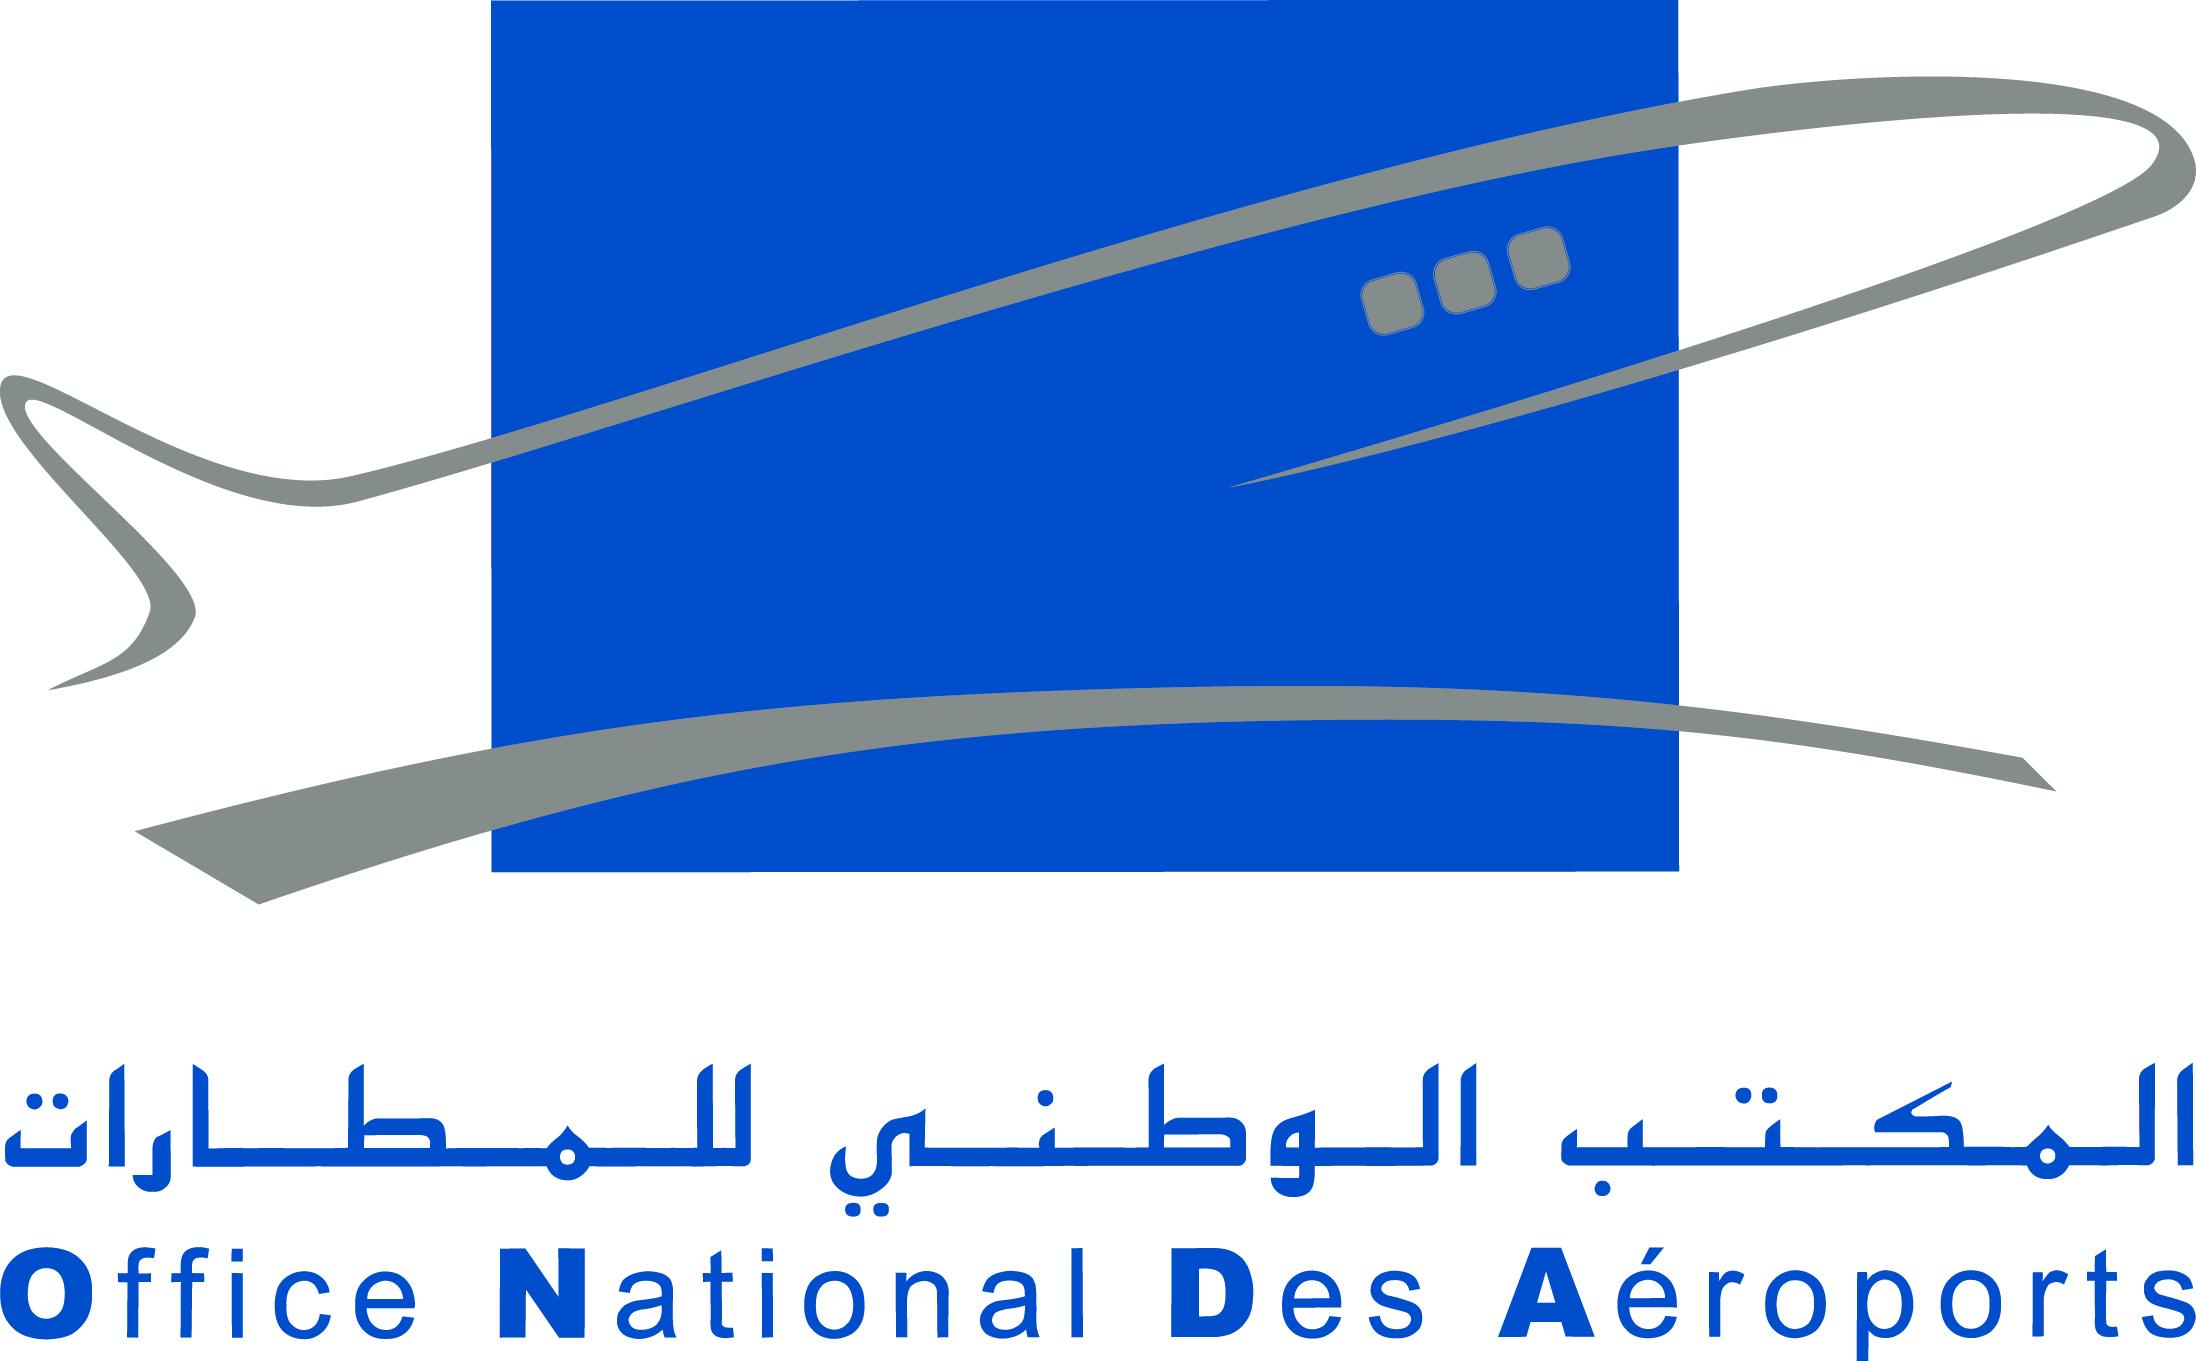 المكتب الوطني للمطارات: مباريات توظيف (40) تقنيا و تقنيا متخصصا، (12) مهندس، و (05) أطر و مسؤولين و كاتب إدارة ~ آخر أجل هو 20 نونبر 2012